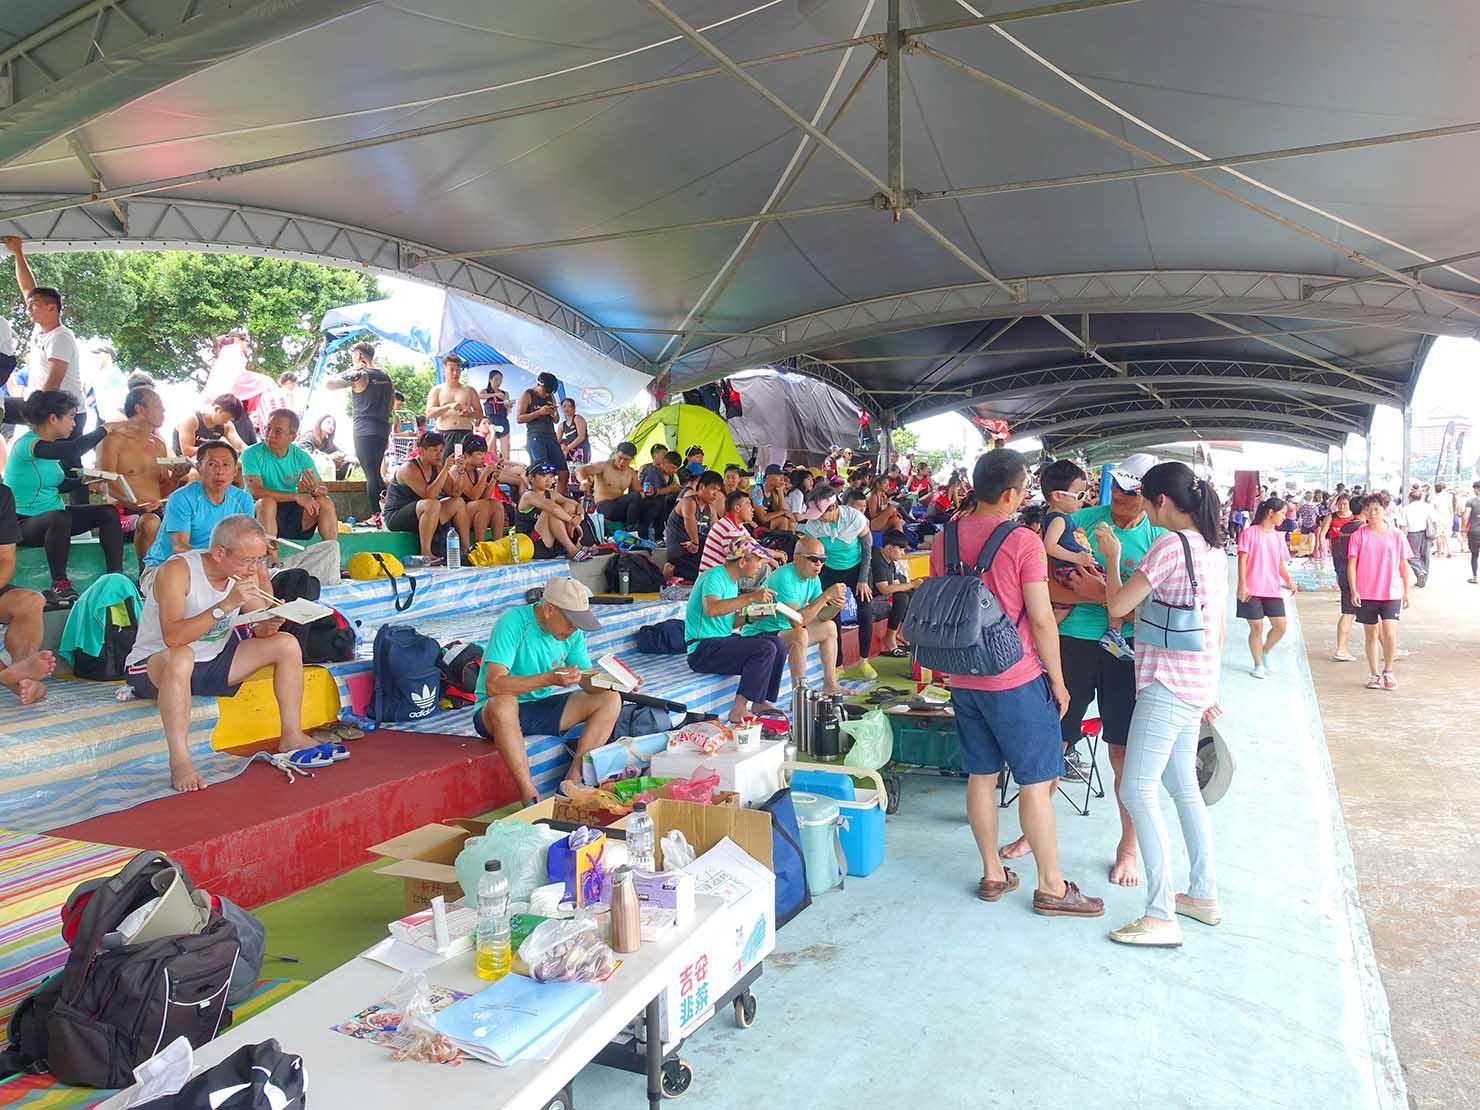 端午節の台北で行われた「龍舟競賽(ドラゴンボートレース)」会場の出場チームブース